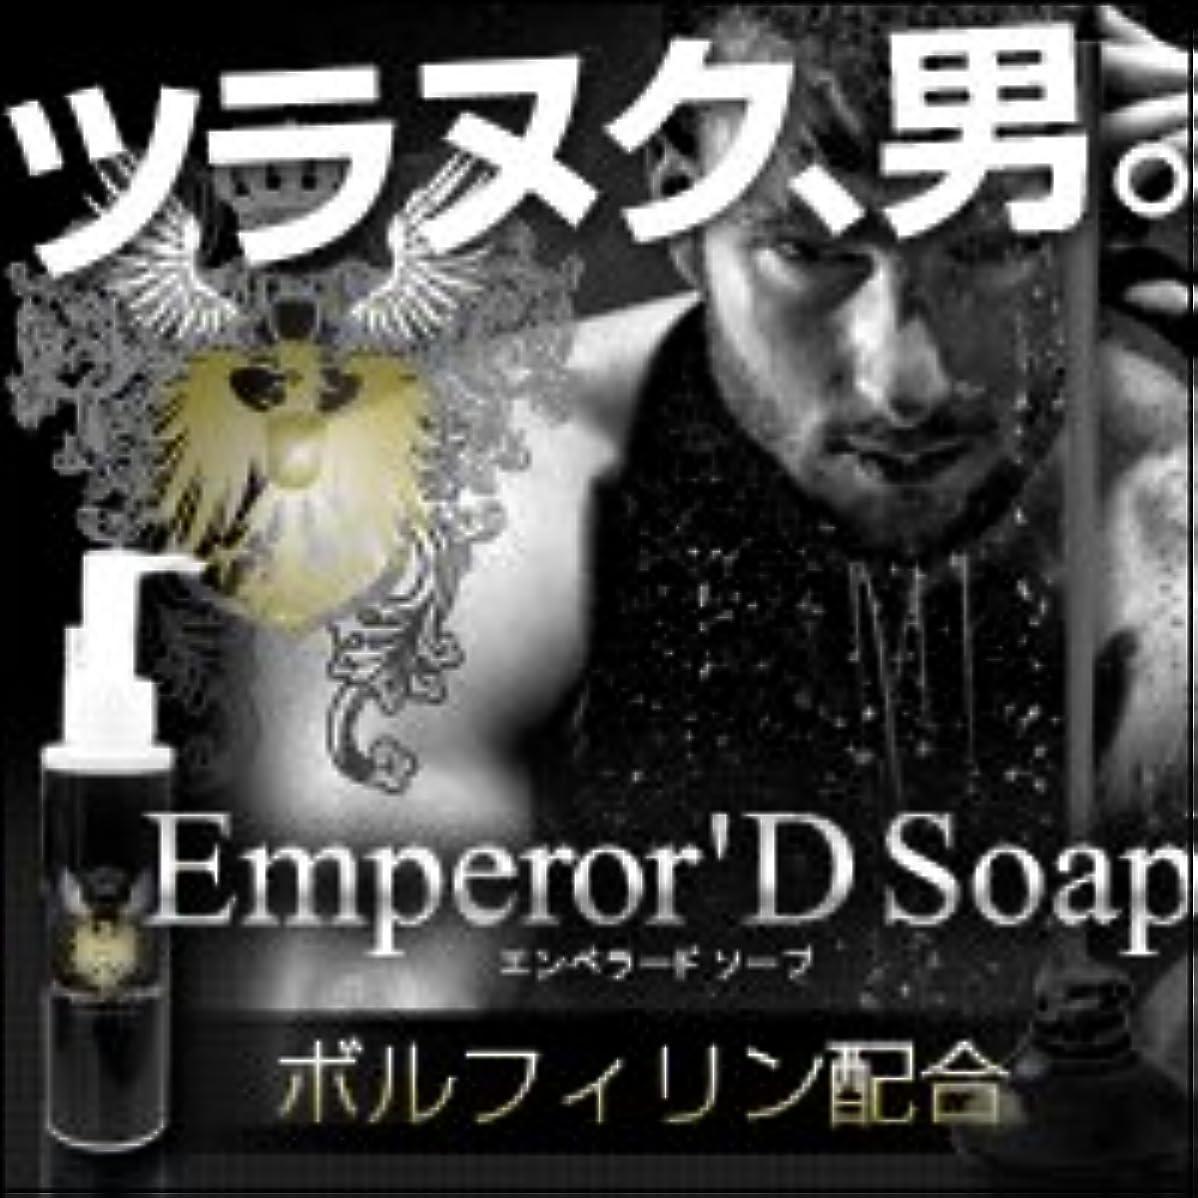 蘇生する知っているに立ち寄る確執【Emperor'D Soap(エンペラードソープ)】ツラヌク男になる!!!